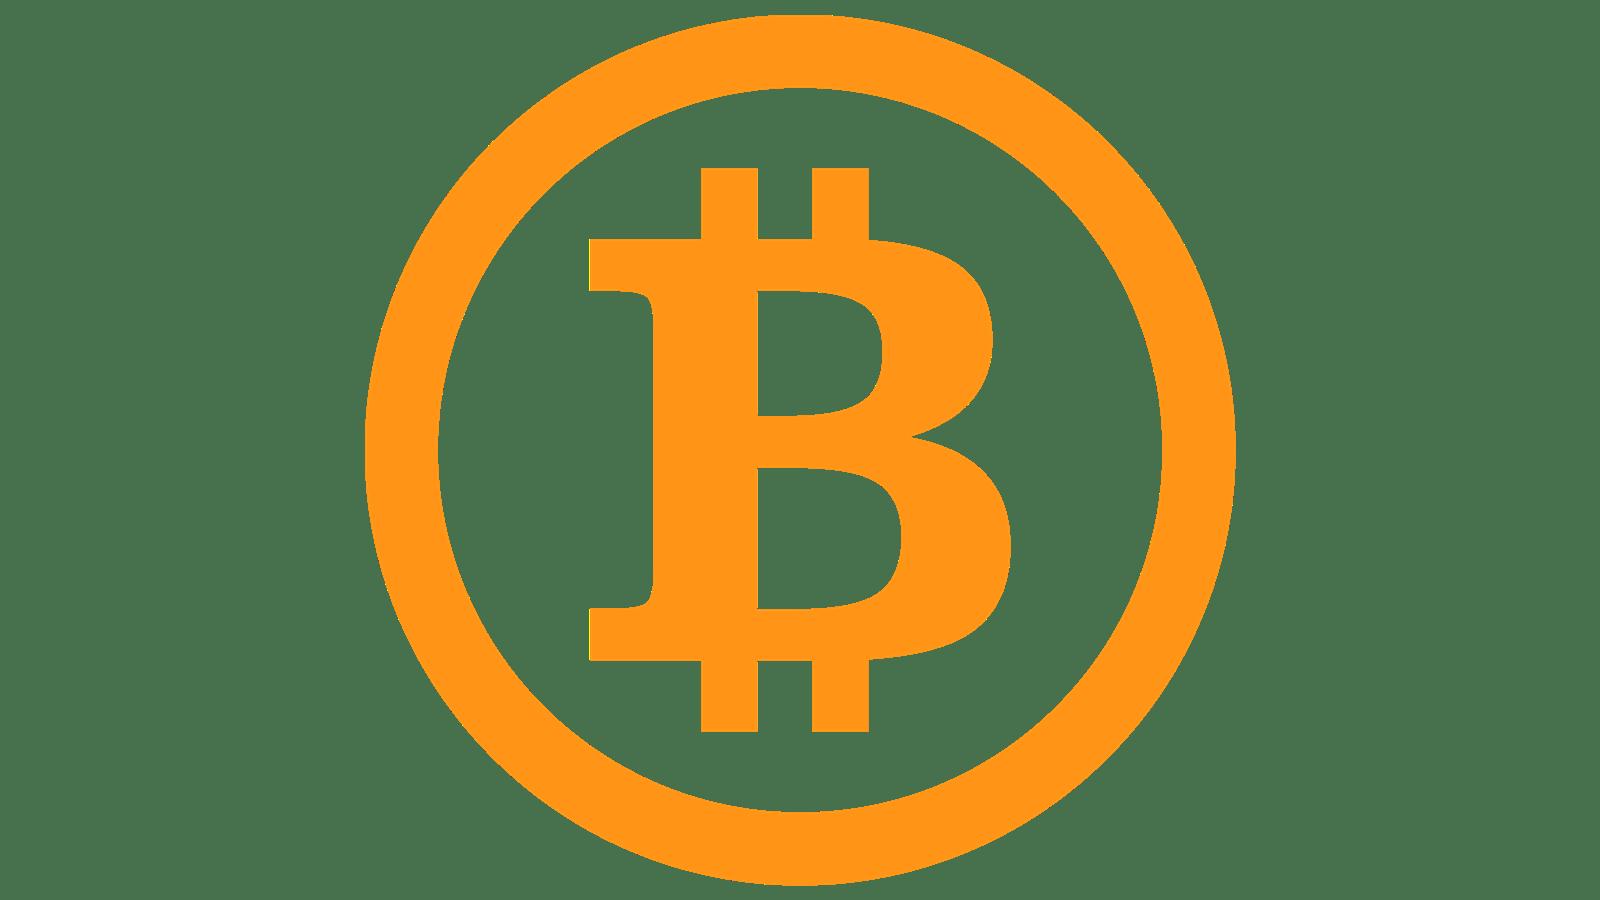 เหรียญคริปโตที่น่าลงทุนปี 2021 Bitcoin